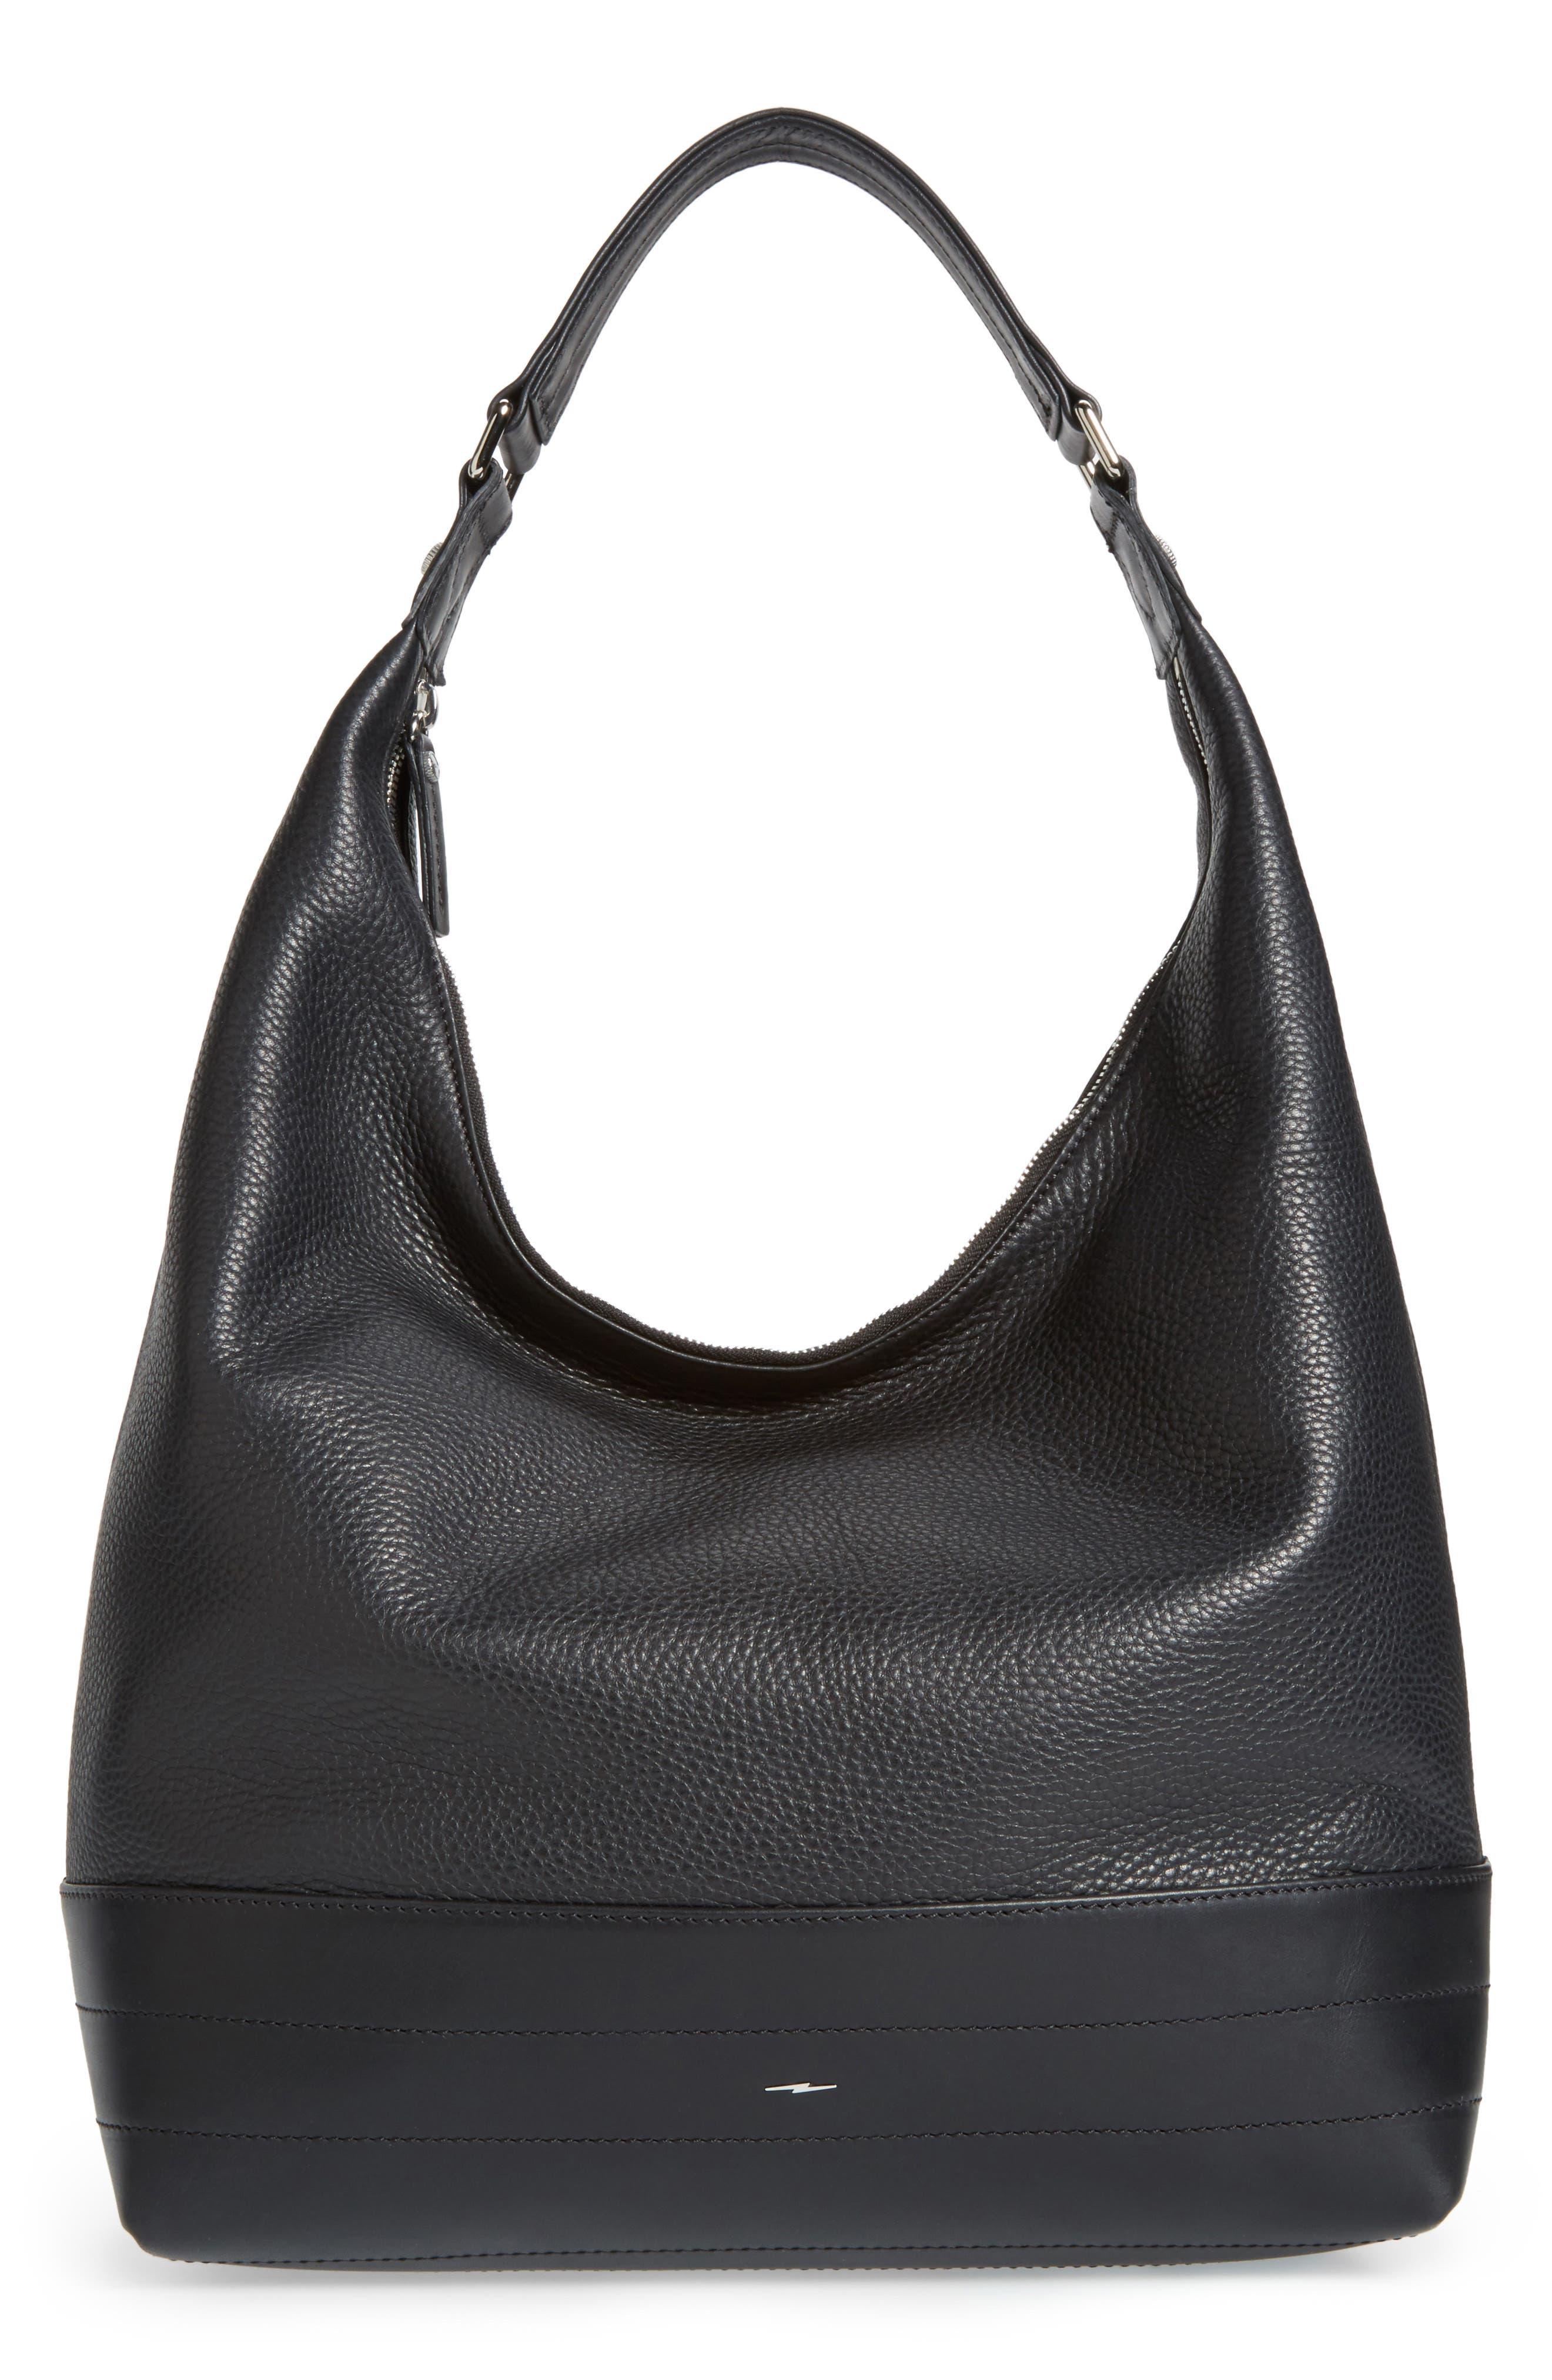 SHINOLA Leather Hobo